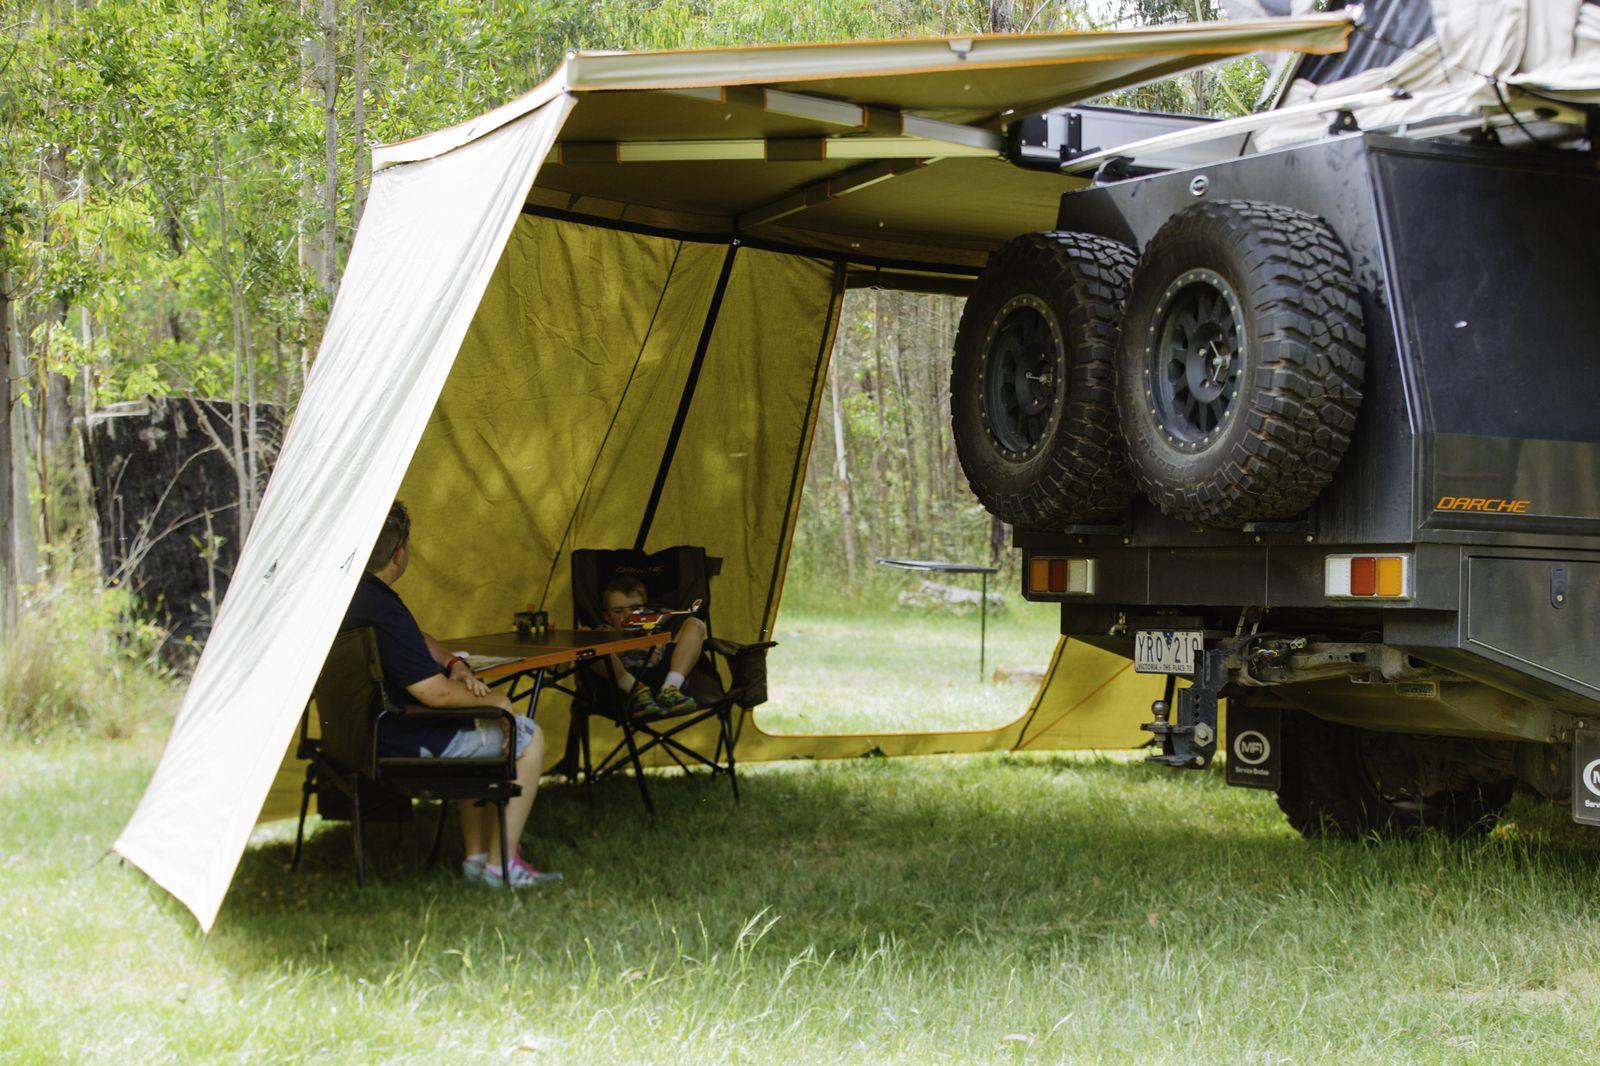 Darche Eclipse 270 Adventure Trailers Car Tent Camper Repair